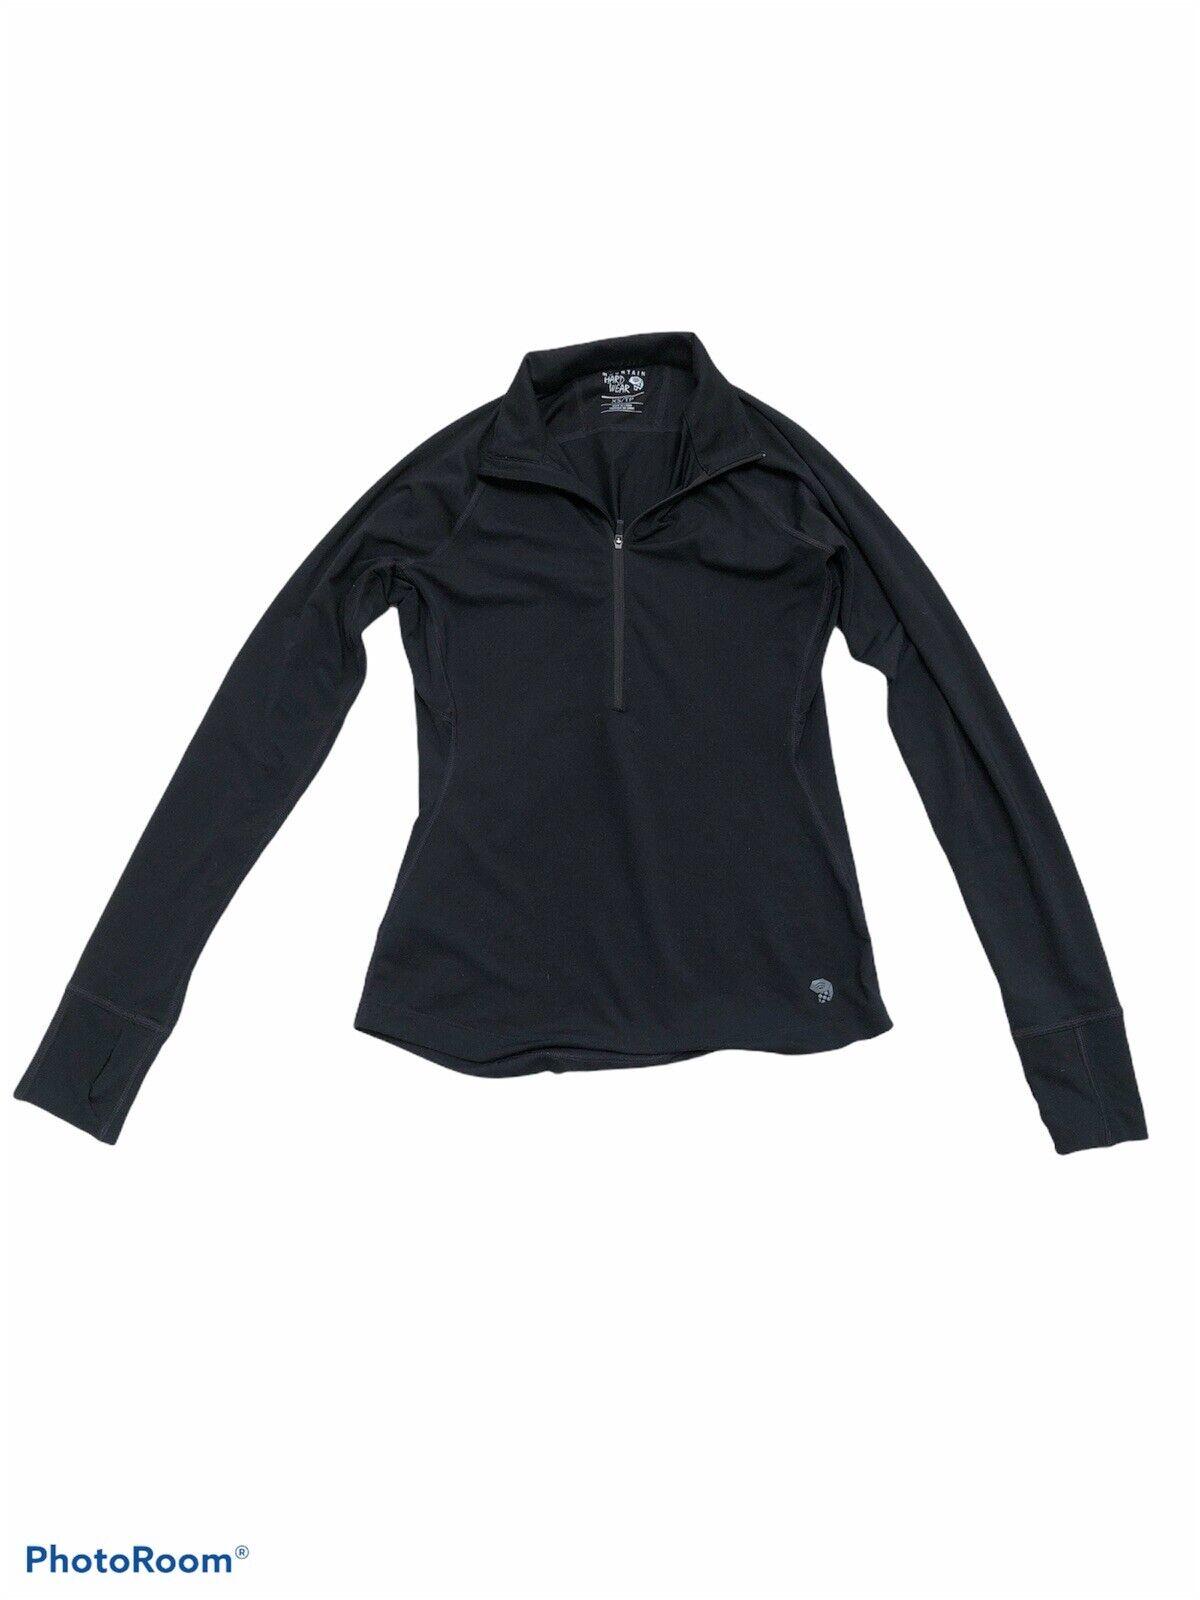 Mountain Hardwear Womens Black XS 1/4 Zip Shirt Wick IQ thumb holes long sleeve